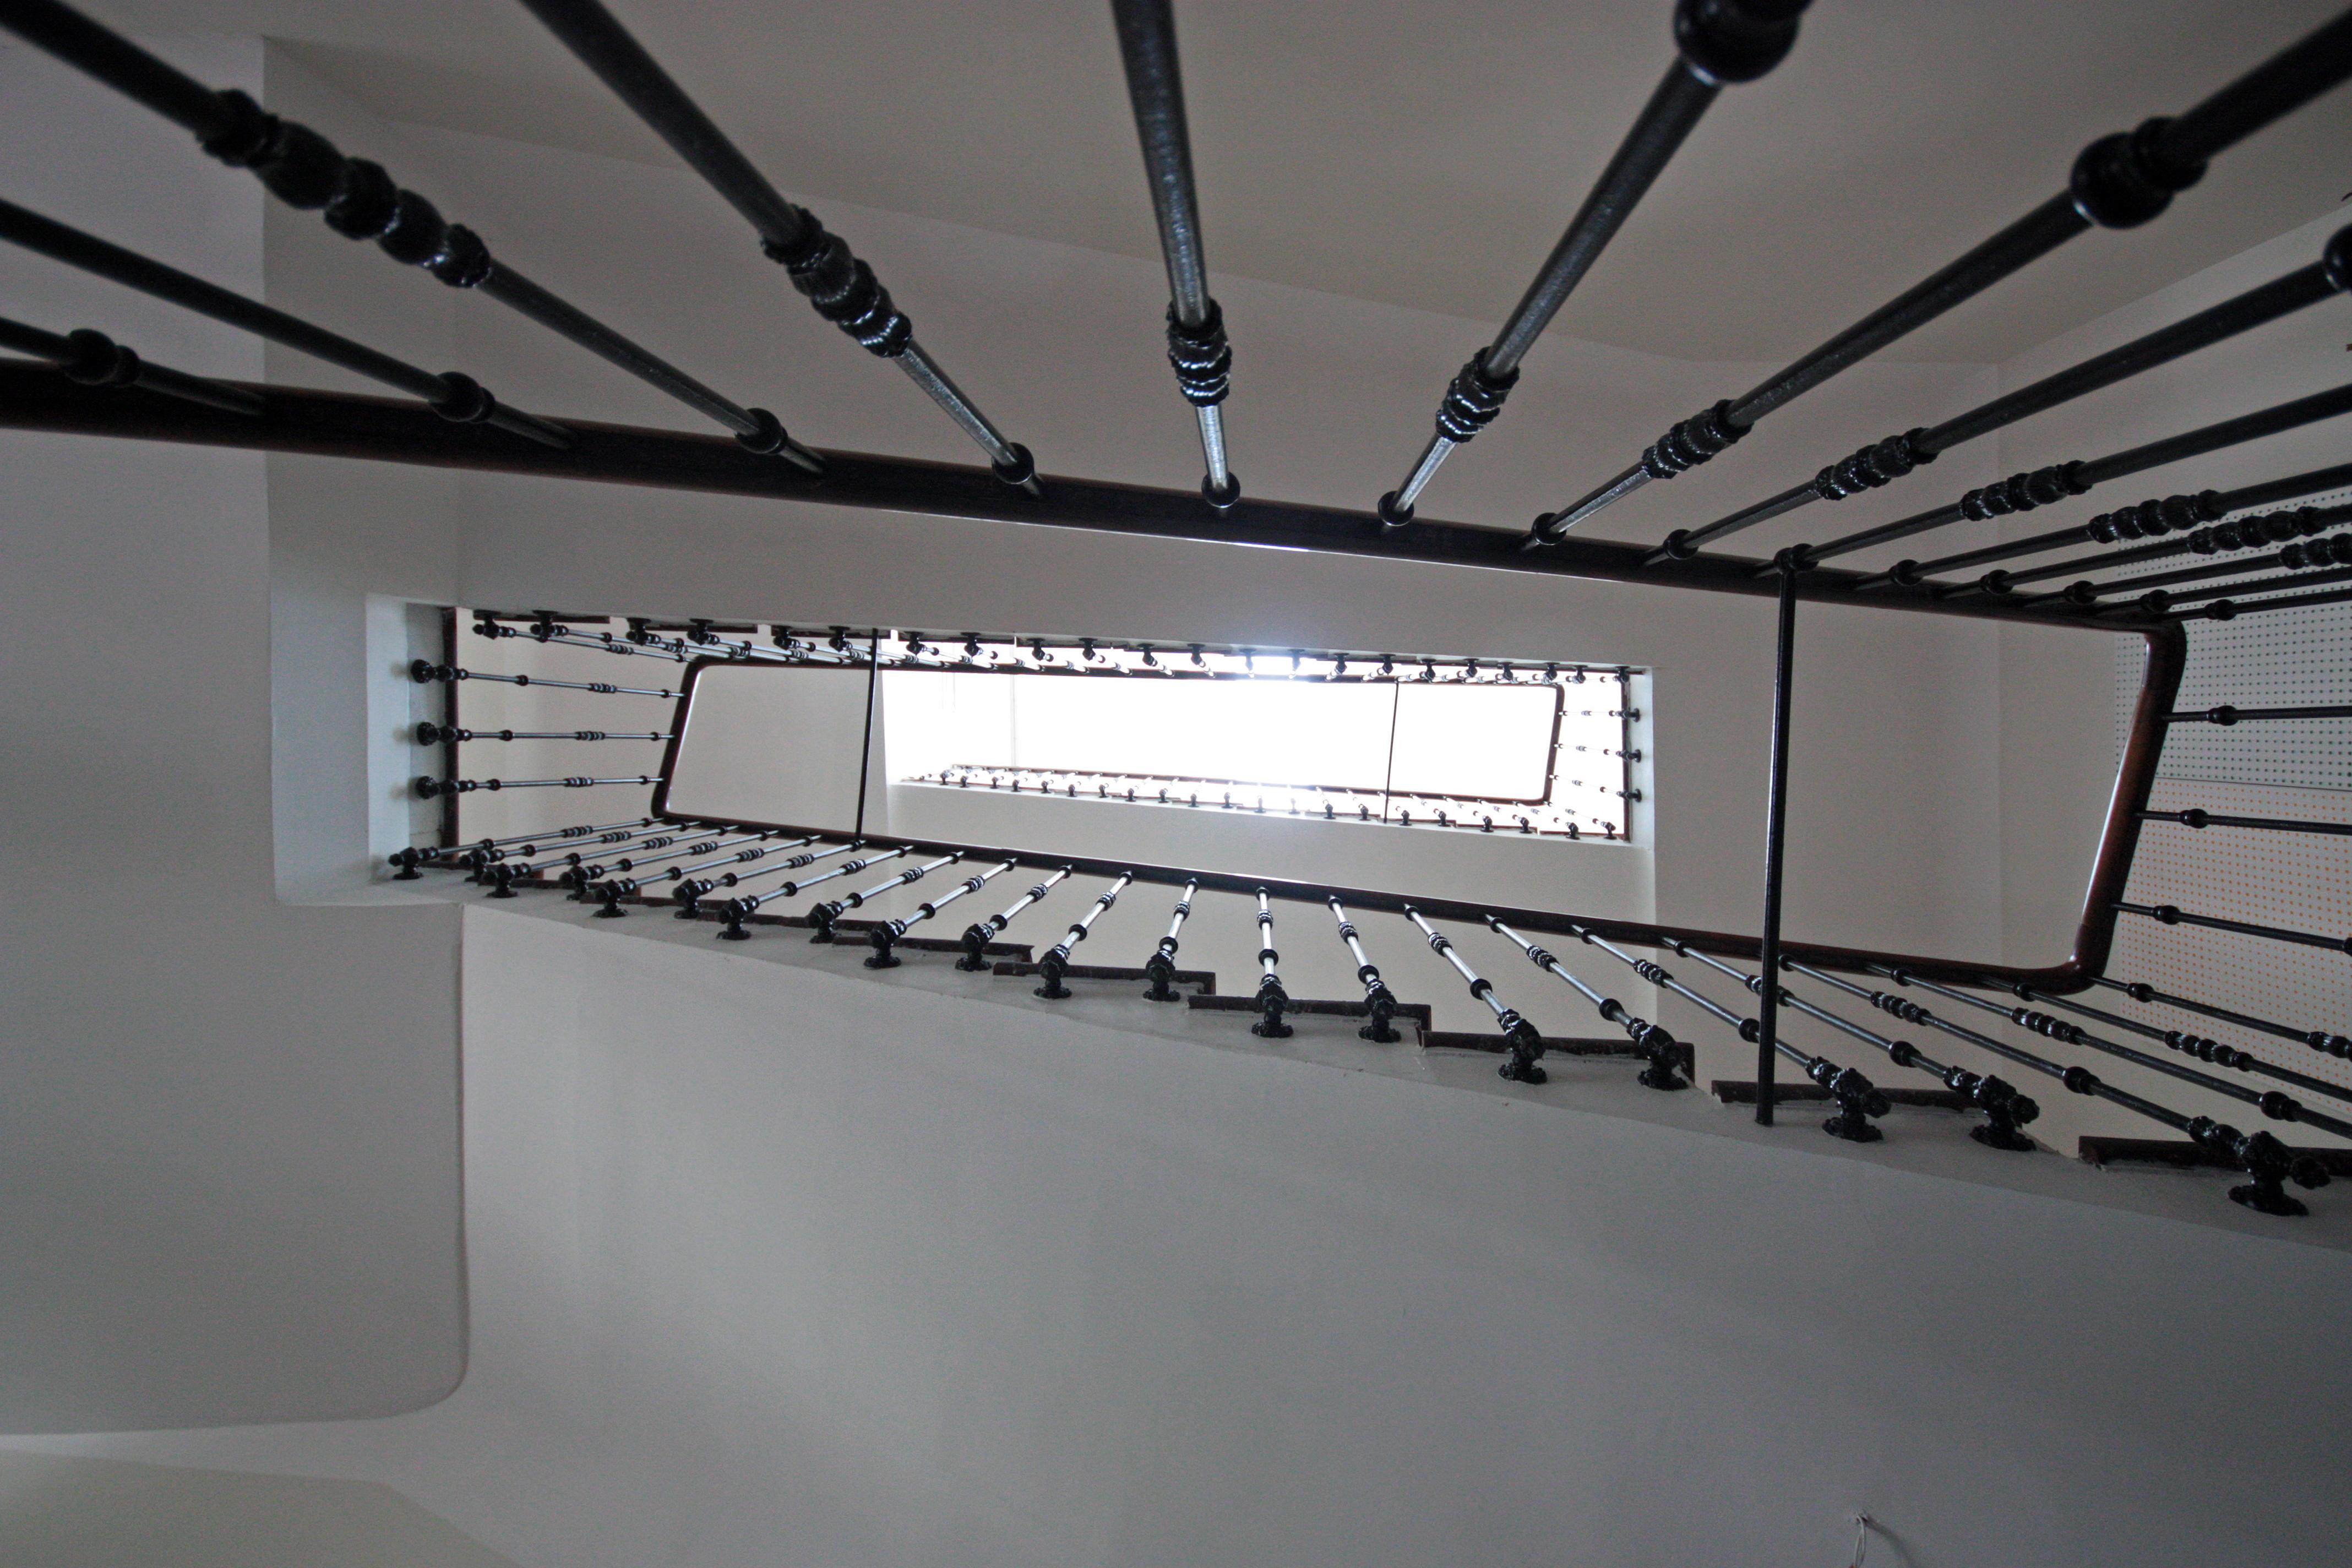 escaliers artistiques